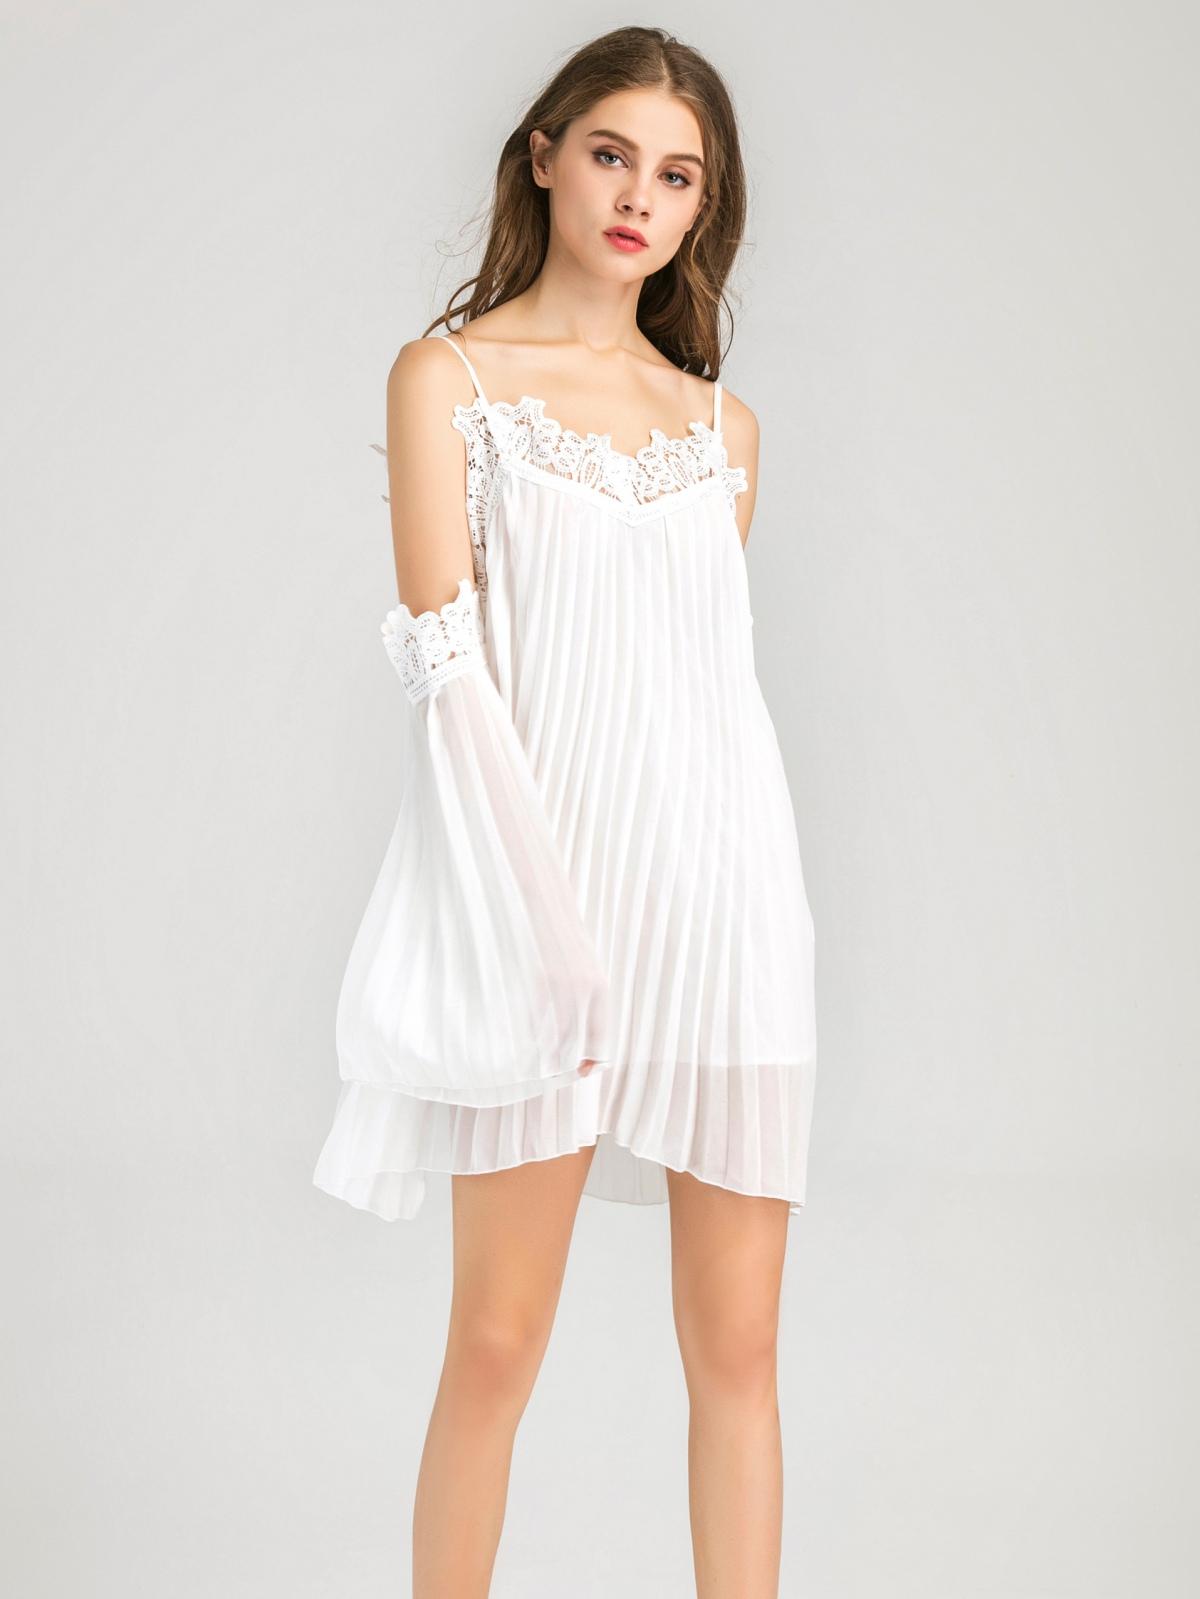 robe été, blog mode, robe boheme, shein, robe blanche